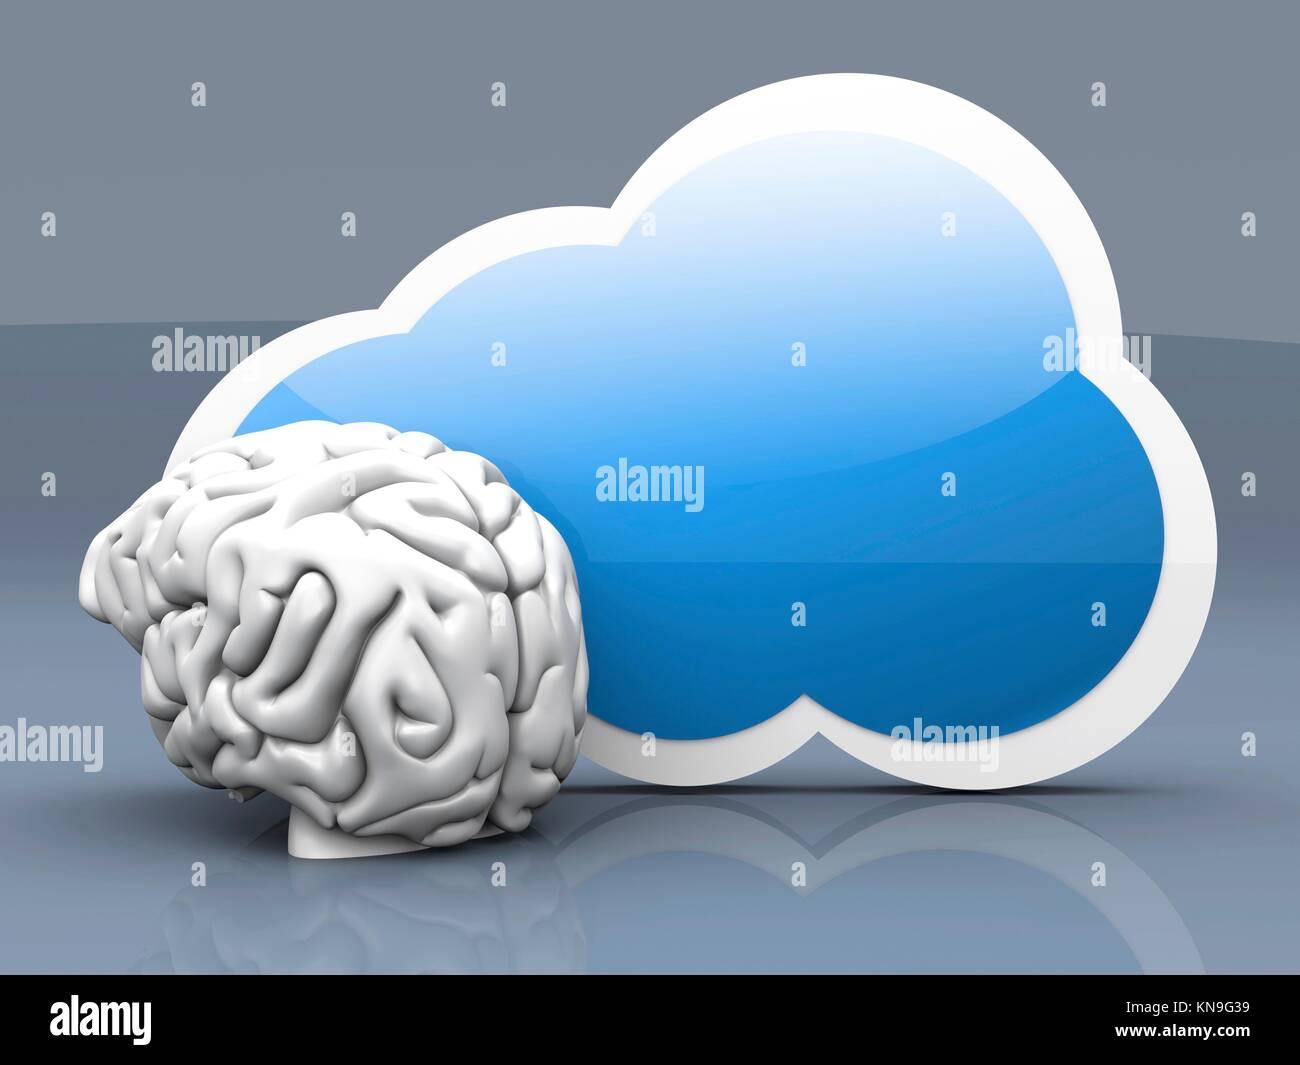 Inteligencia de cloud computing. Ilustración 3D prestados. Foto de stock